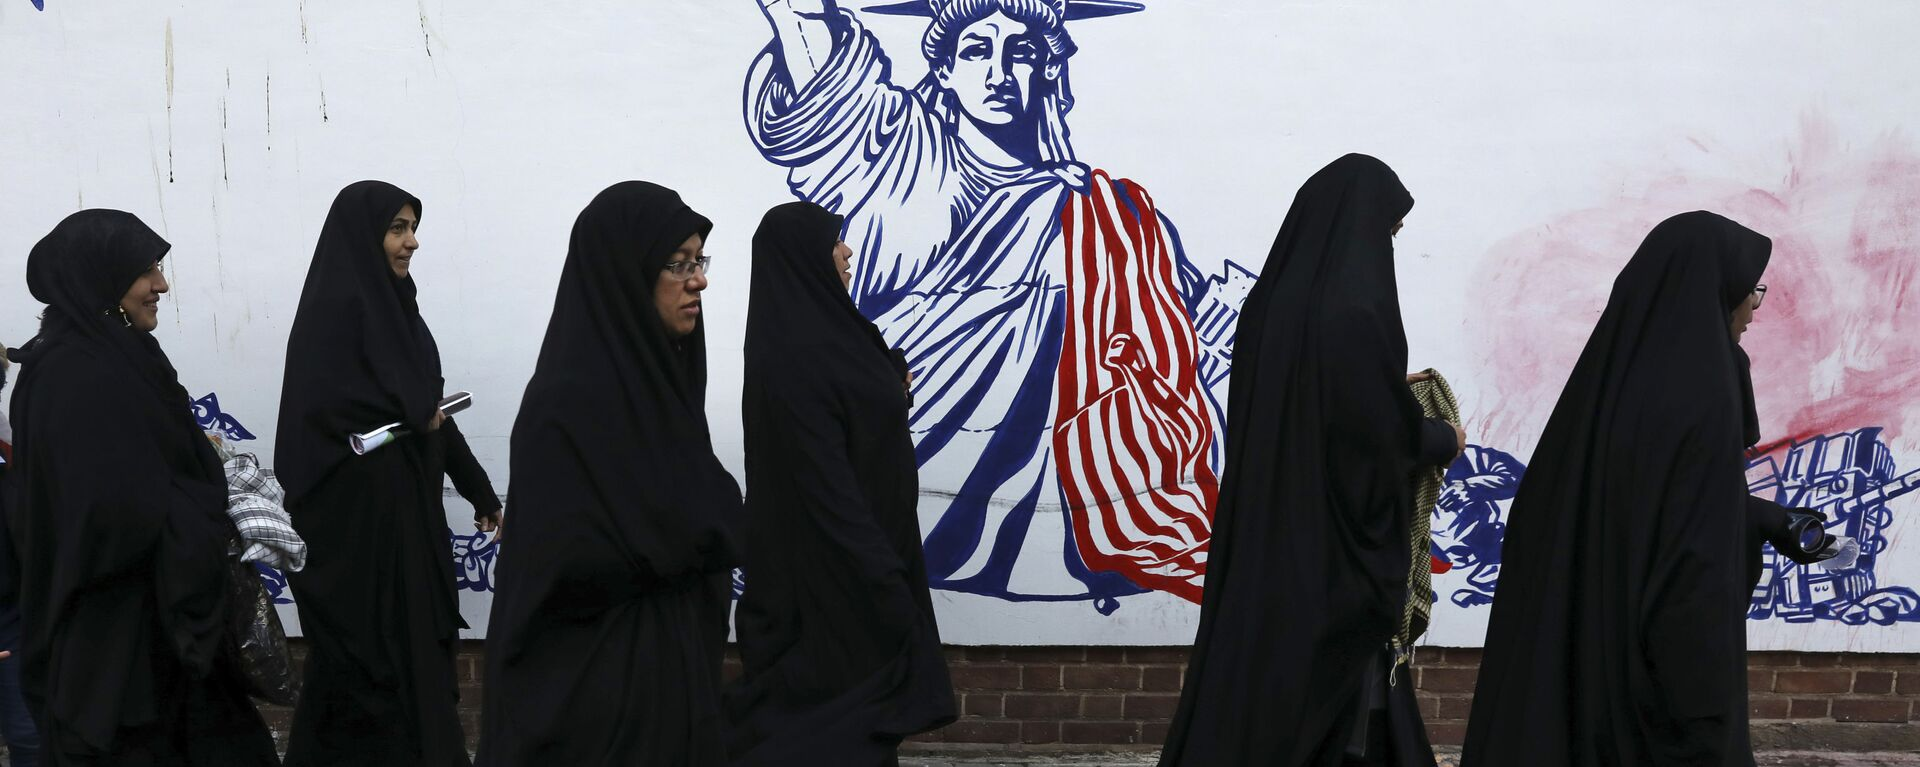 Un muro en Teherán con la imagen de la Estatua de la Libertad - Sputnik Mundo, 1920, 09.08.2021